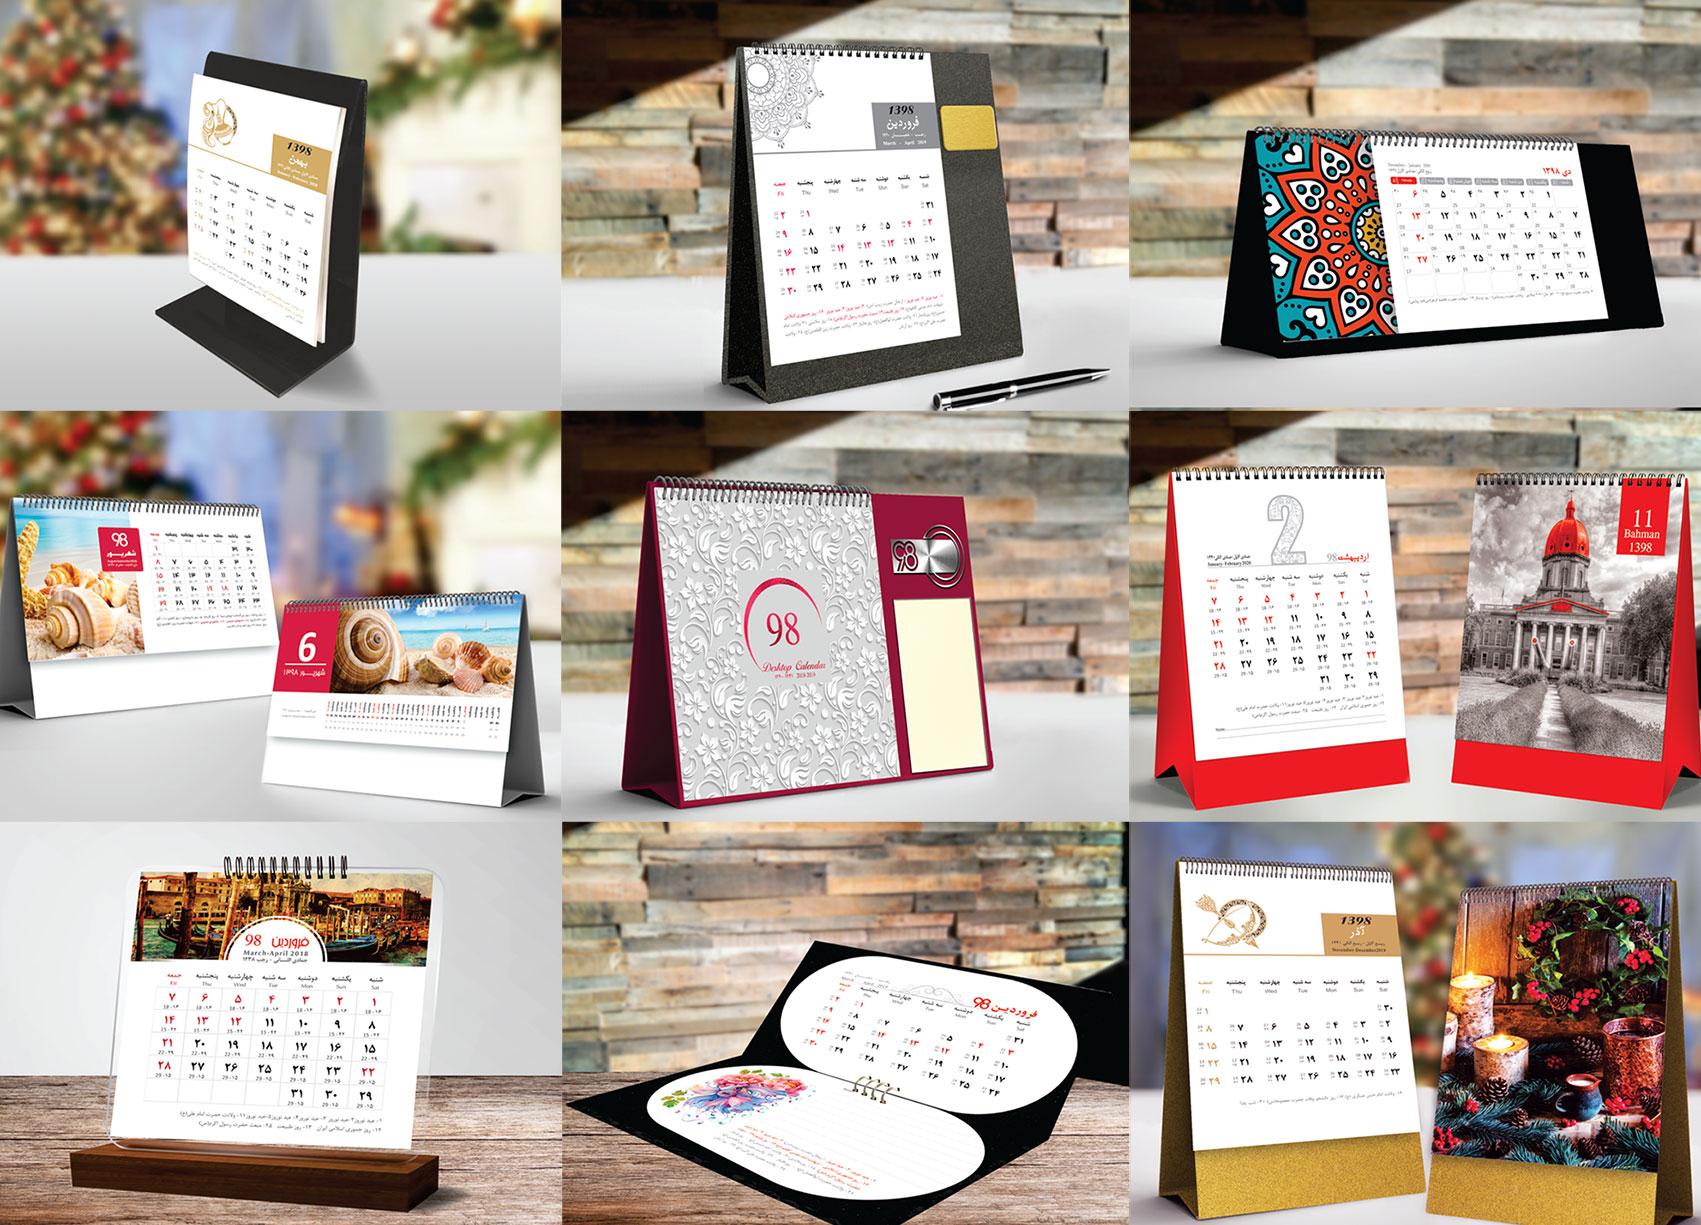 چاپ تقویم رومیزی/تقویم رومیزی ارزان/ ُررسید/ تقویم 1400 | تقویم رومیزی و دیواری 1400 - تقویم رومیزی - عکس و تصاویر تقویم رومیزی